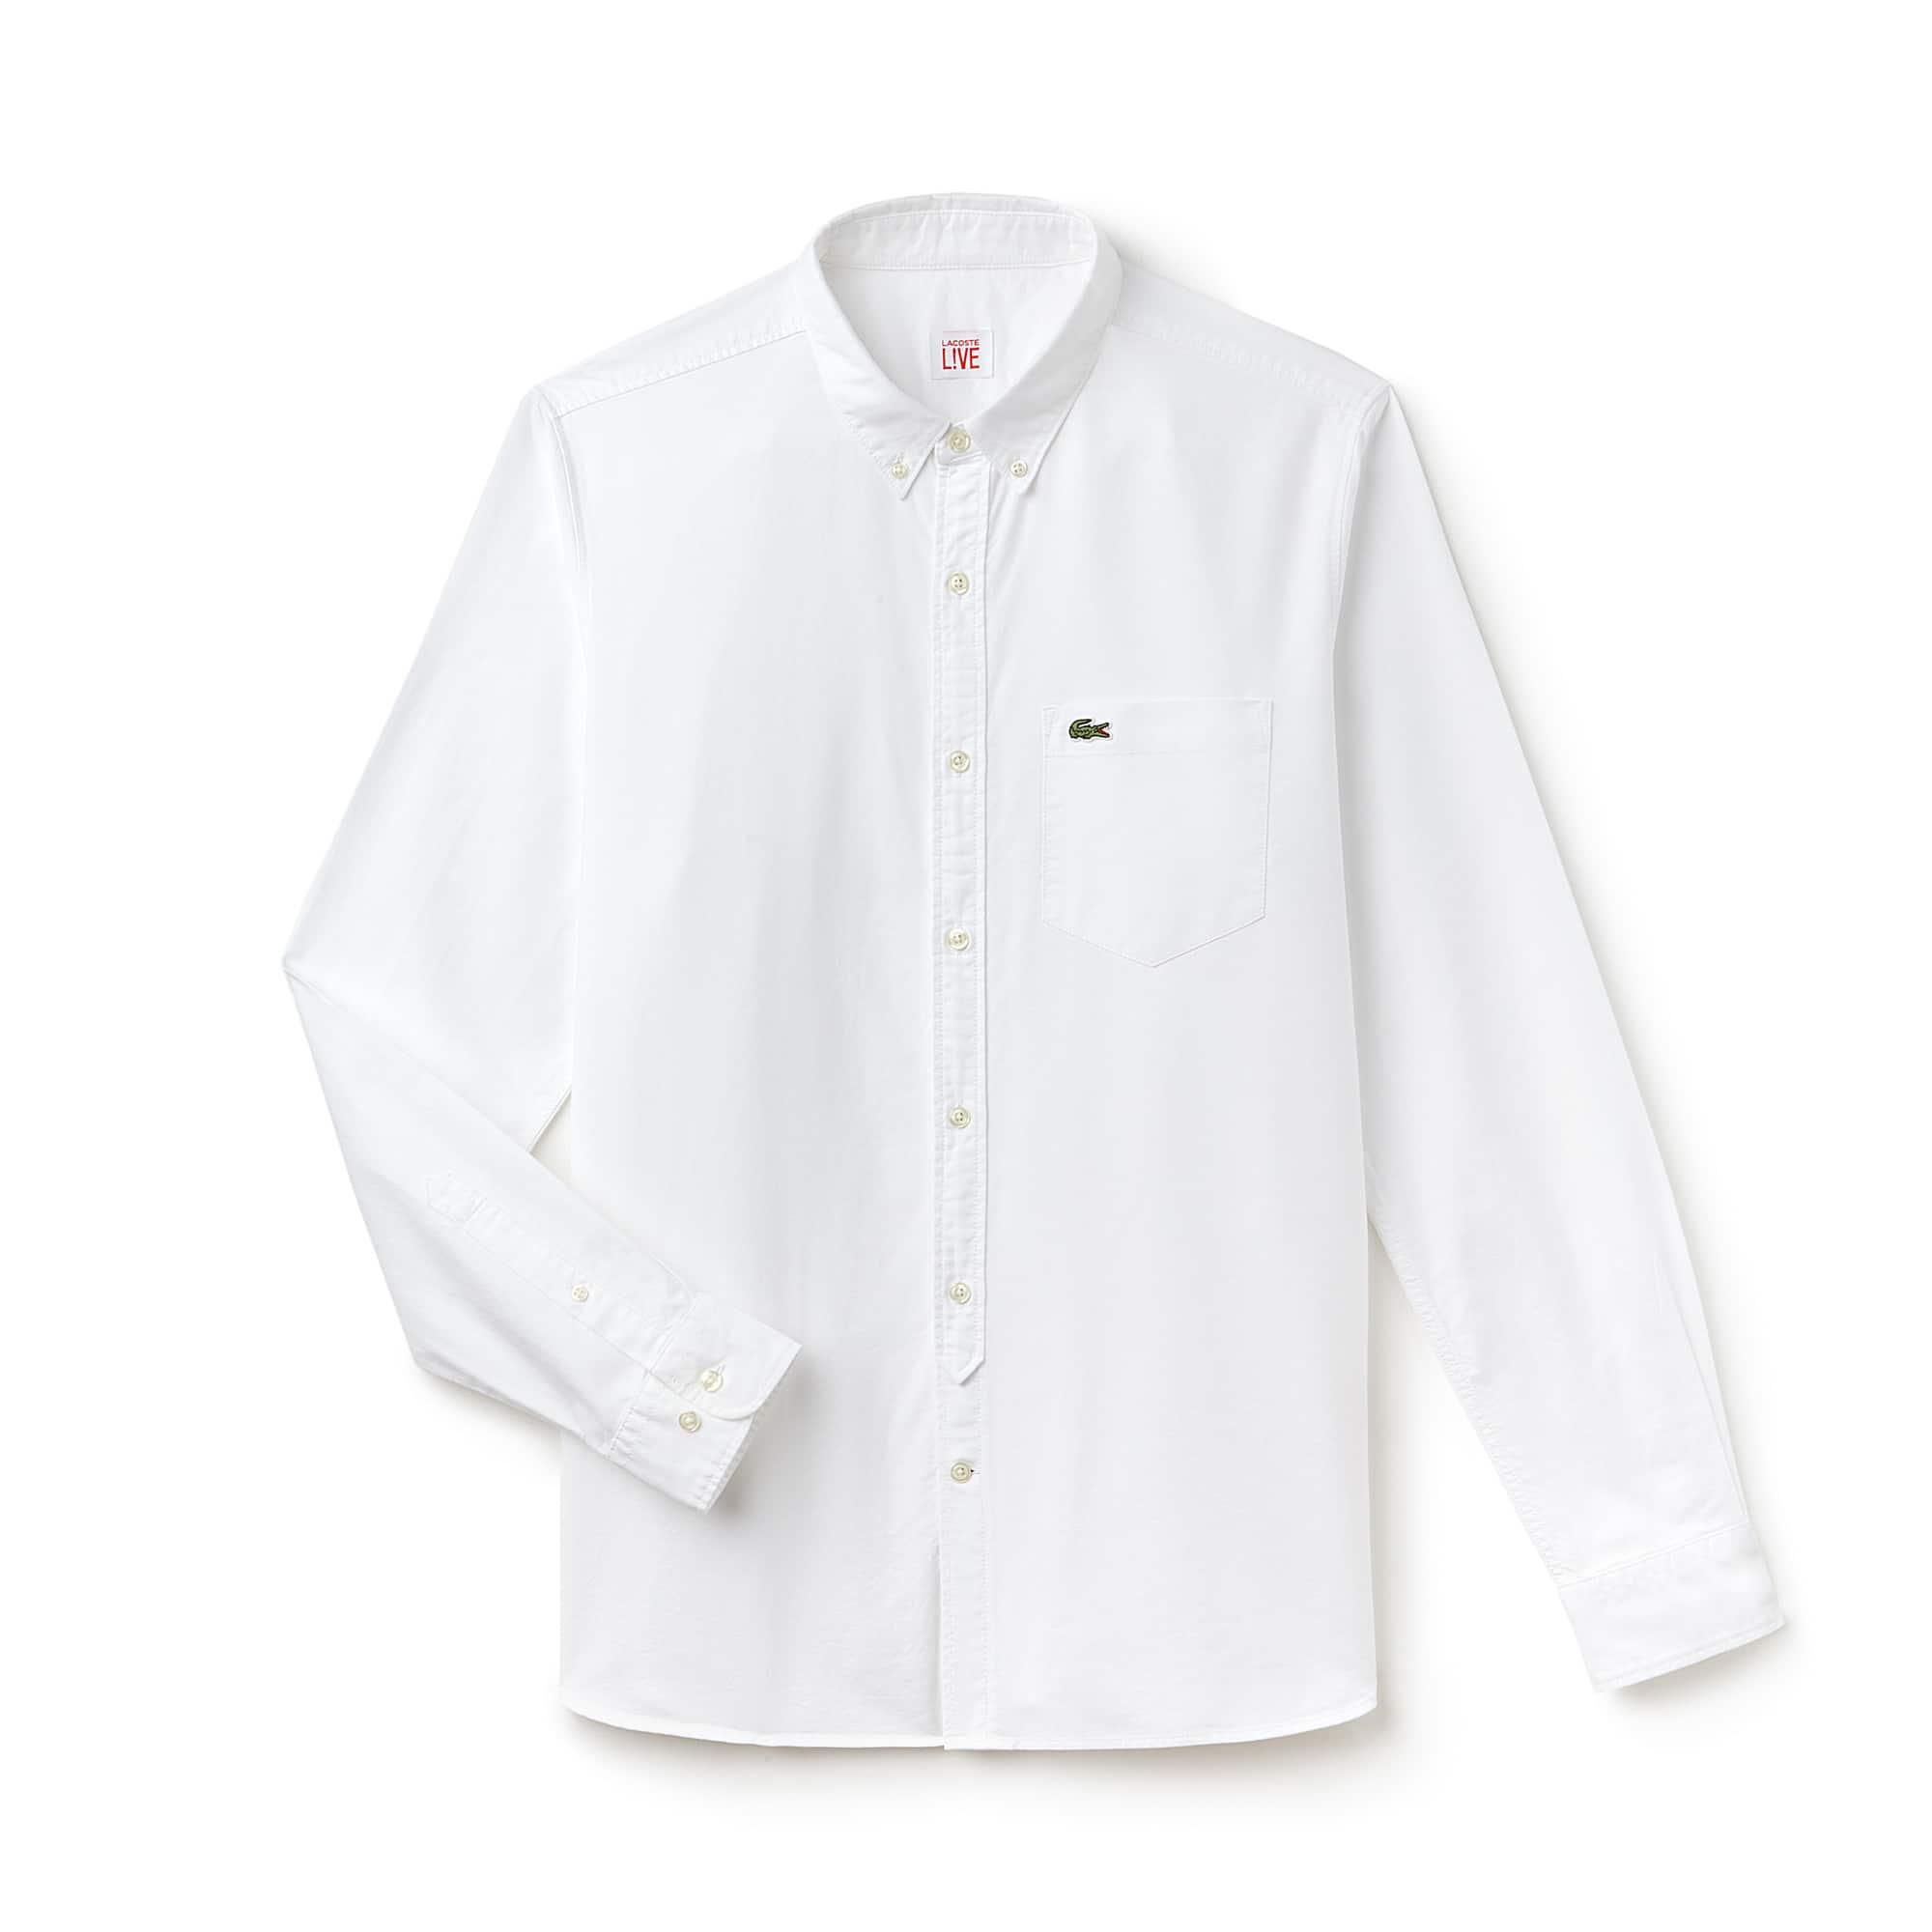 Camicia slim fit Lacoste LIVE in cotone Oxford tinta unita